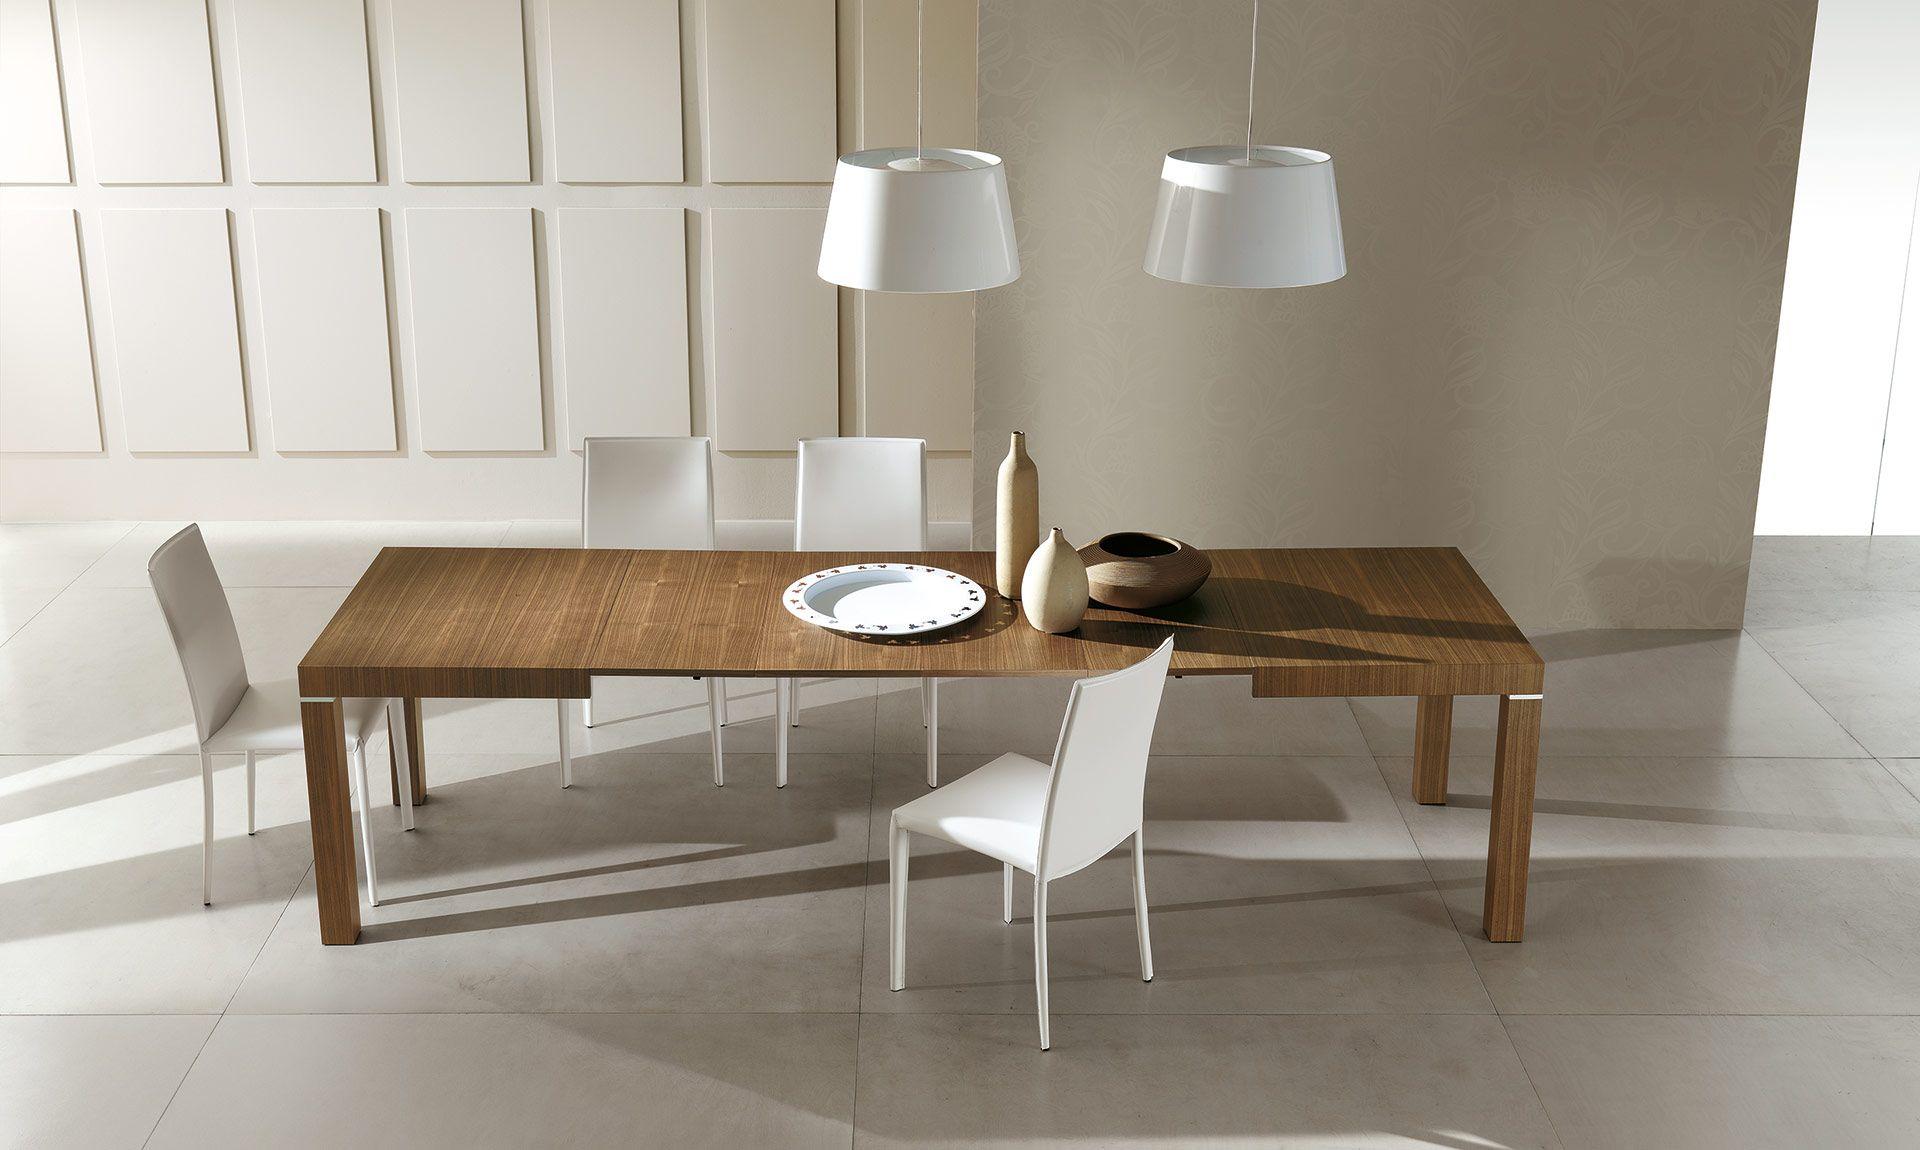 Tavolo in legno Club Club è un tavolo allungabile con